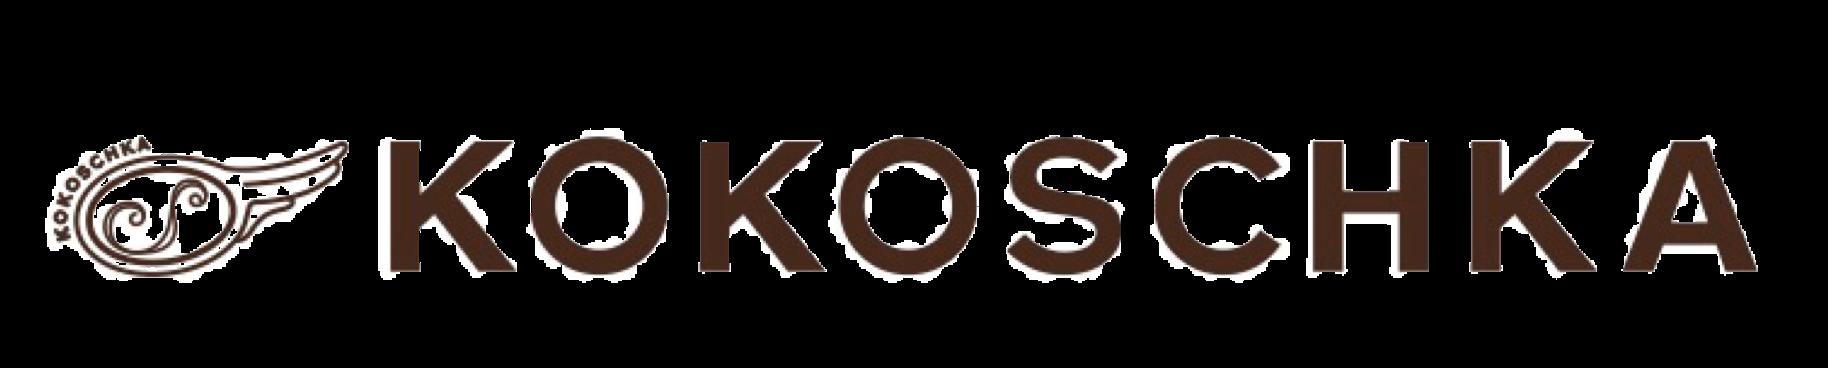 KOKOSCHKA